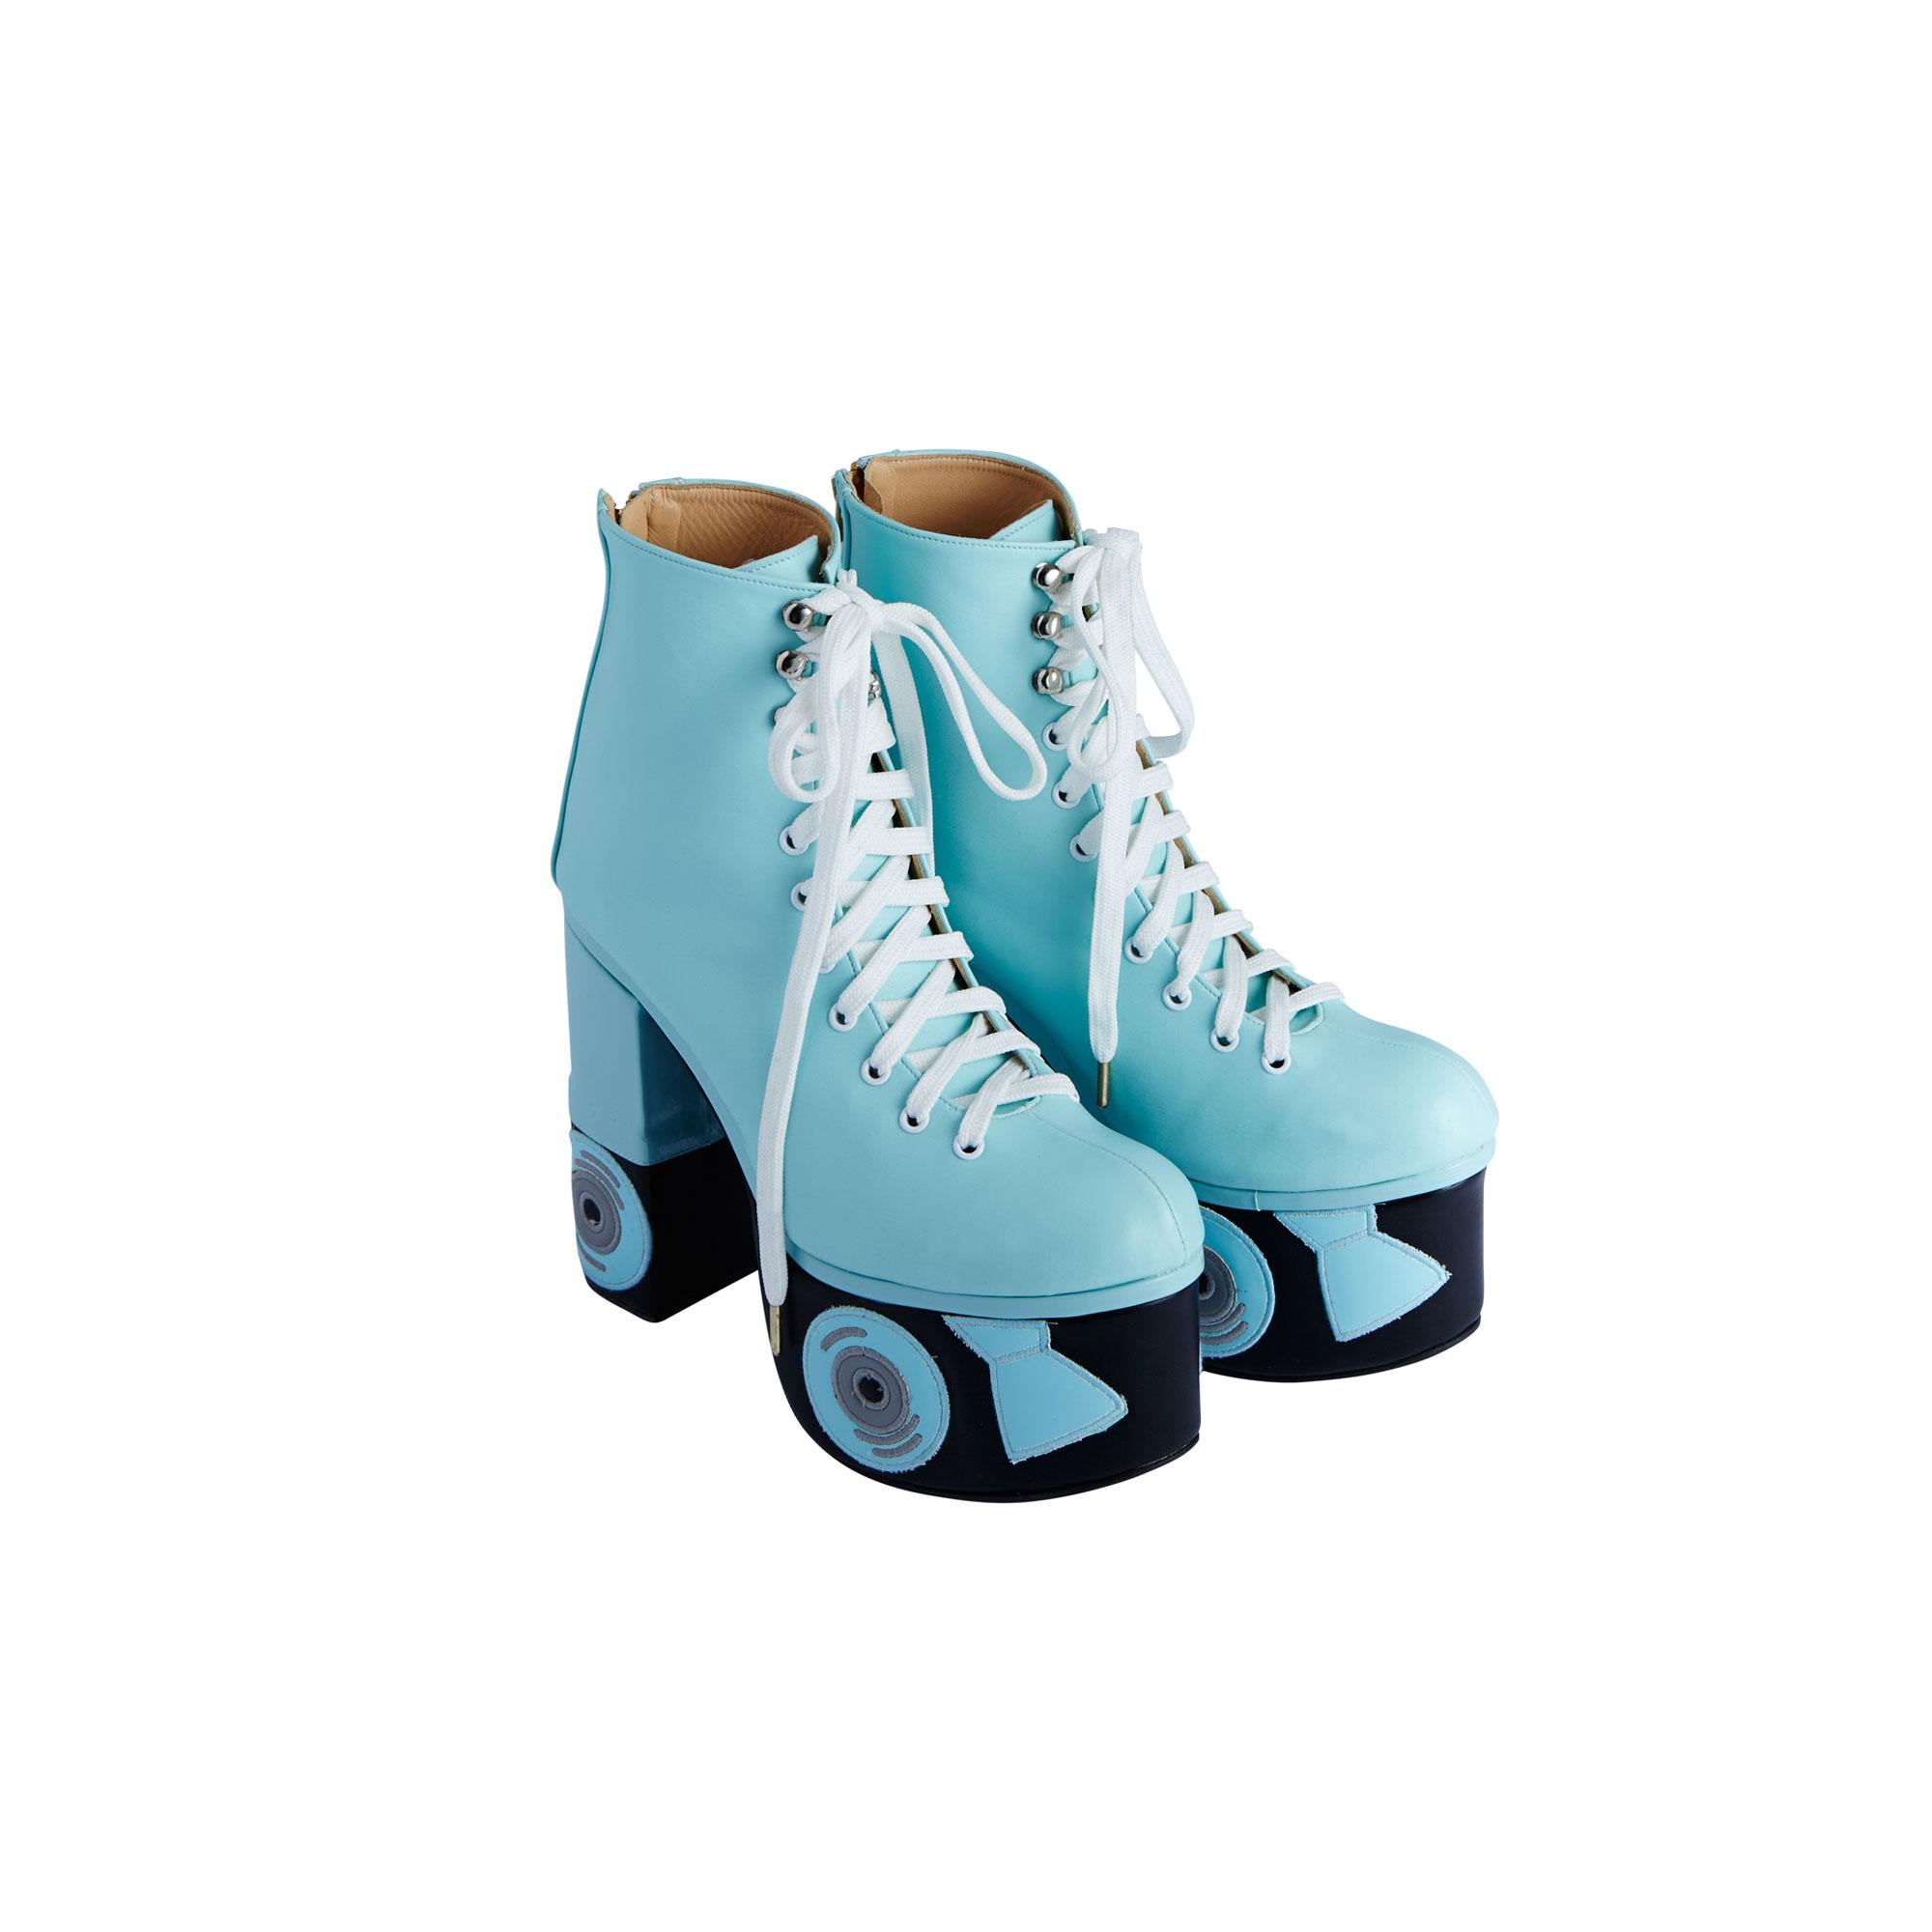 Roller pump shoes - Roller Skates Platform